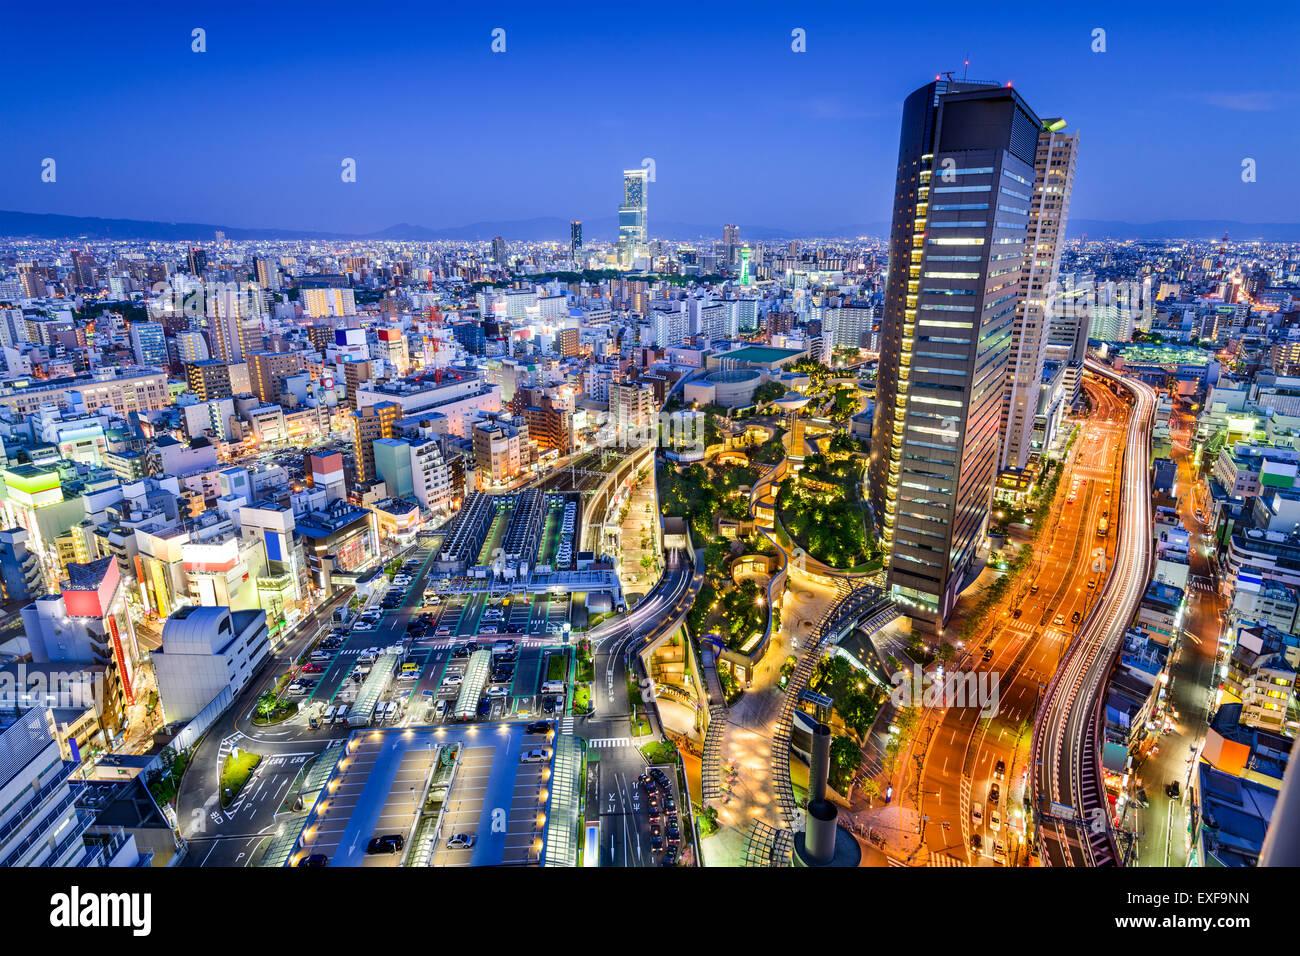 Osaka, Giappone skyline della città affacciato sul quartiere Namba. Immagini Stock